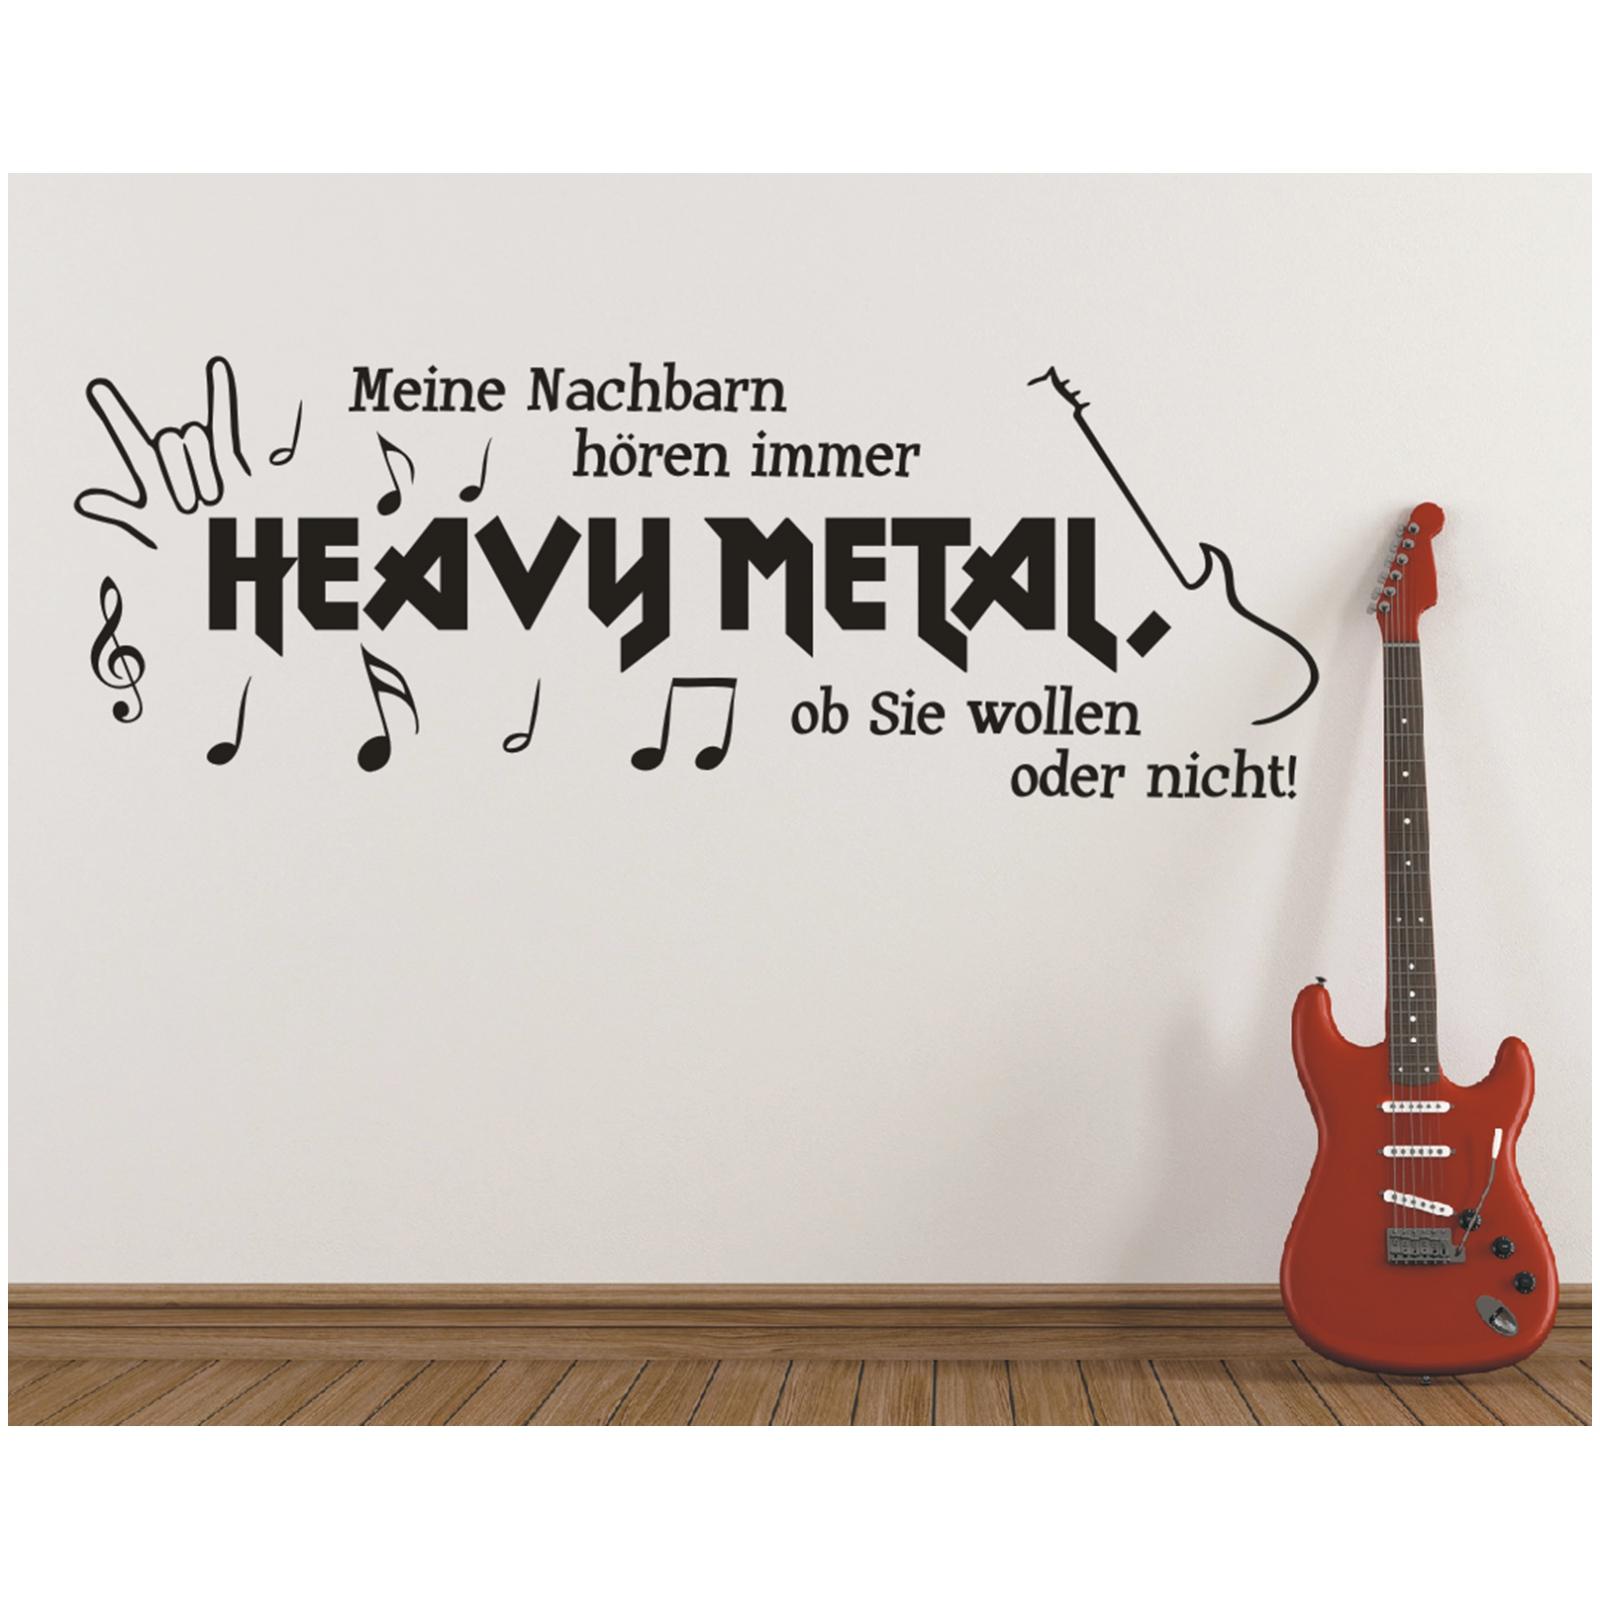 X2219 Wandtattoo Spruch Meine Nachbarn Horen Heavy Metal Ob Sie